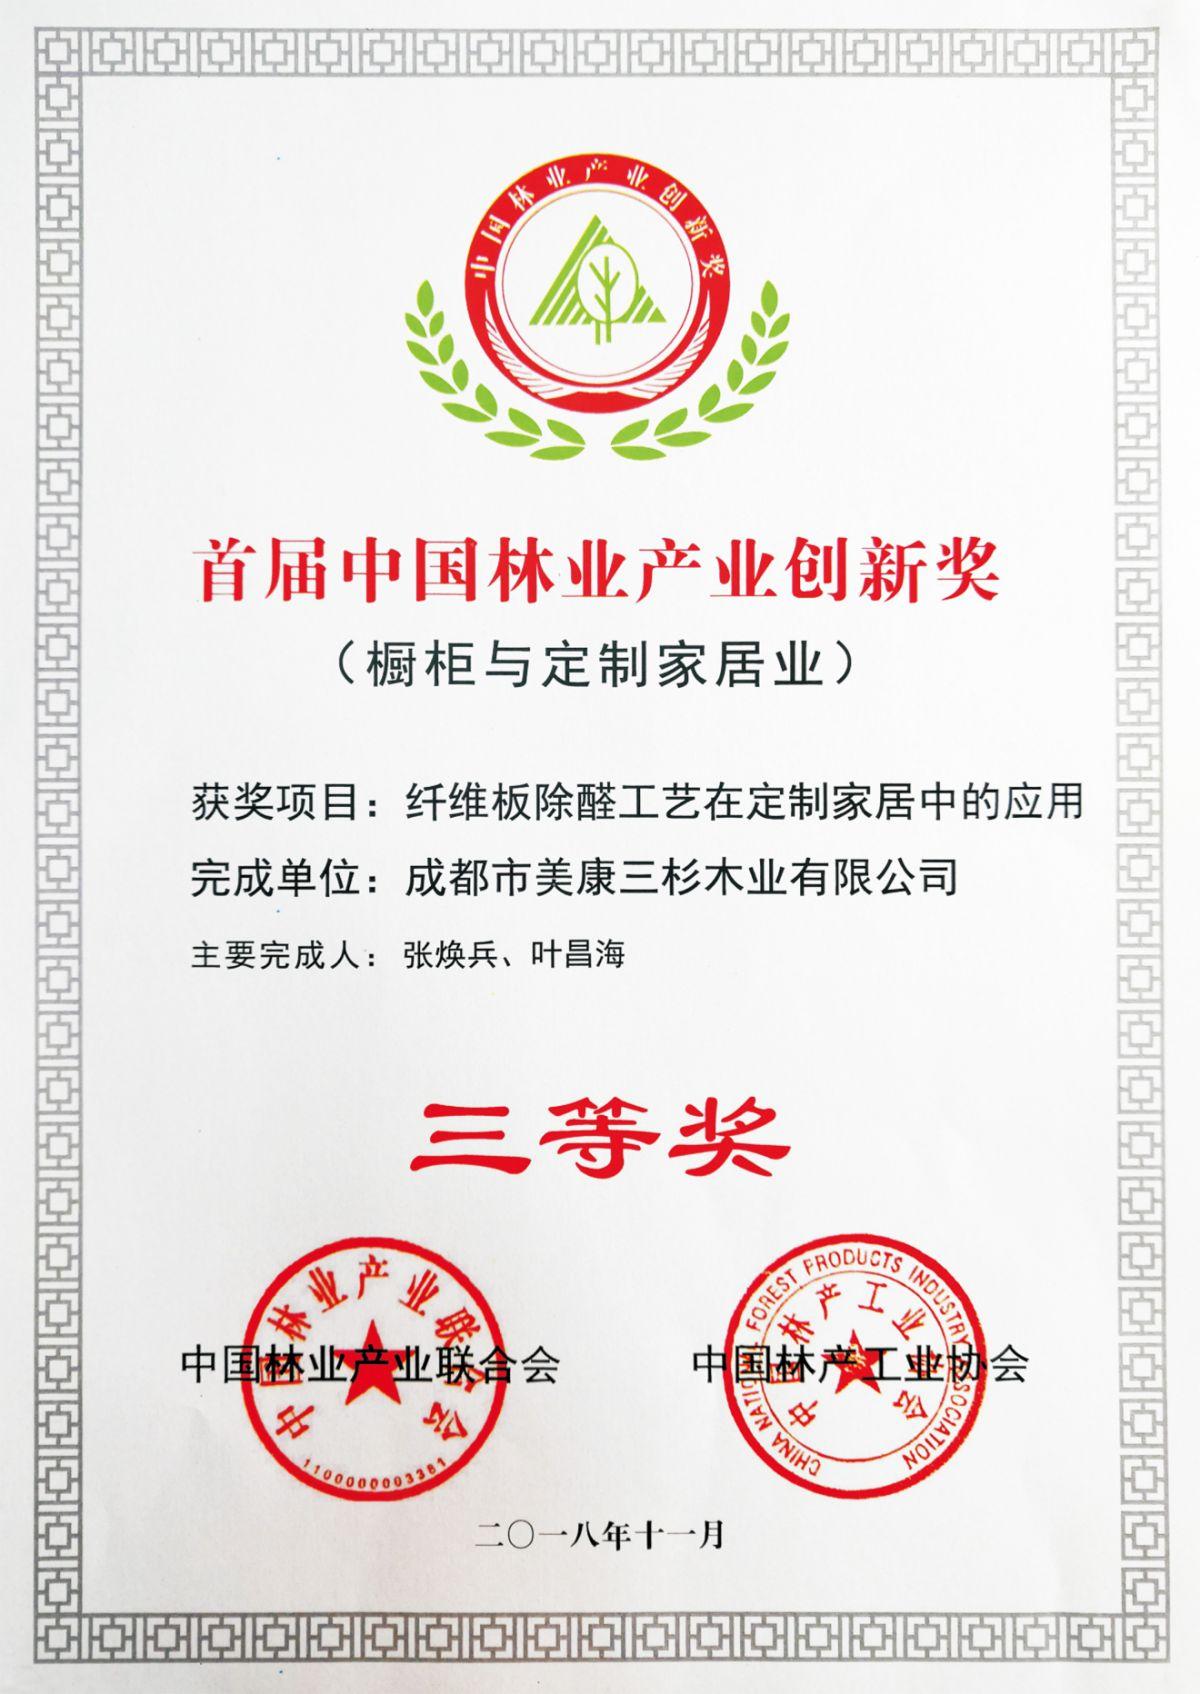 首届中国林产业创新奖